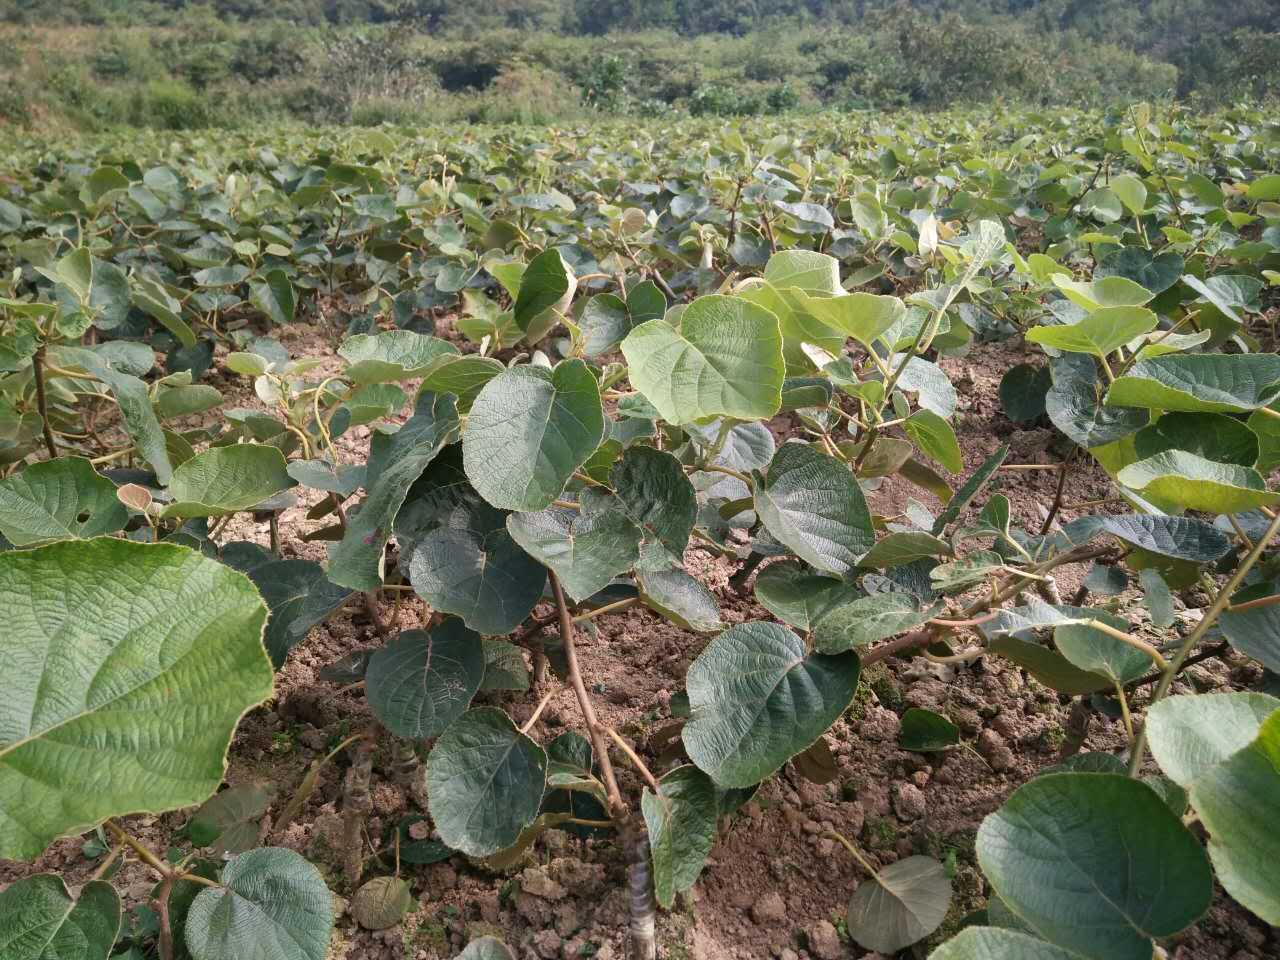 湘西黄金果培育基地 湖南黄金果种植基地-- 湖南湘西兴农猕猴桃种苗基地